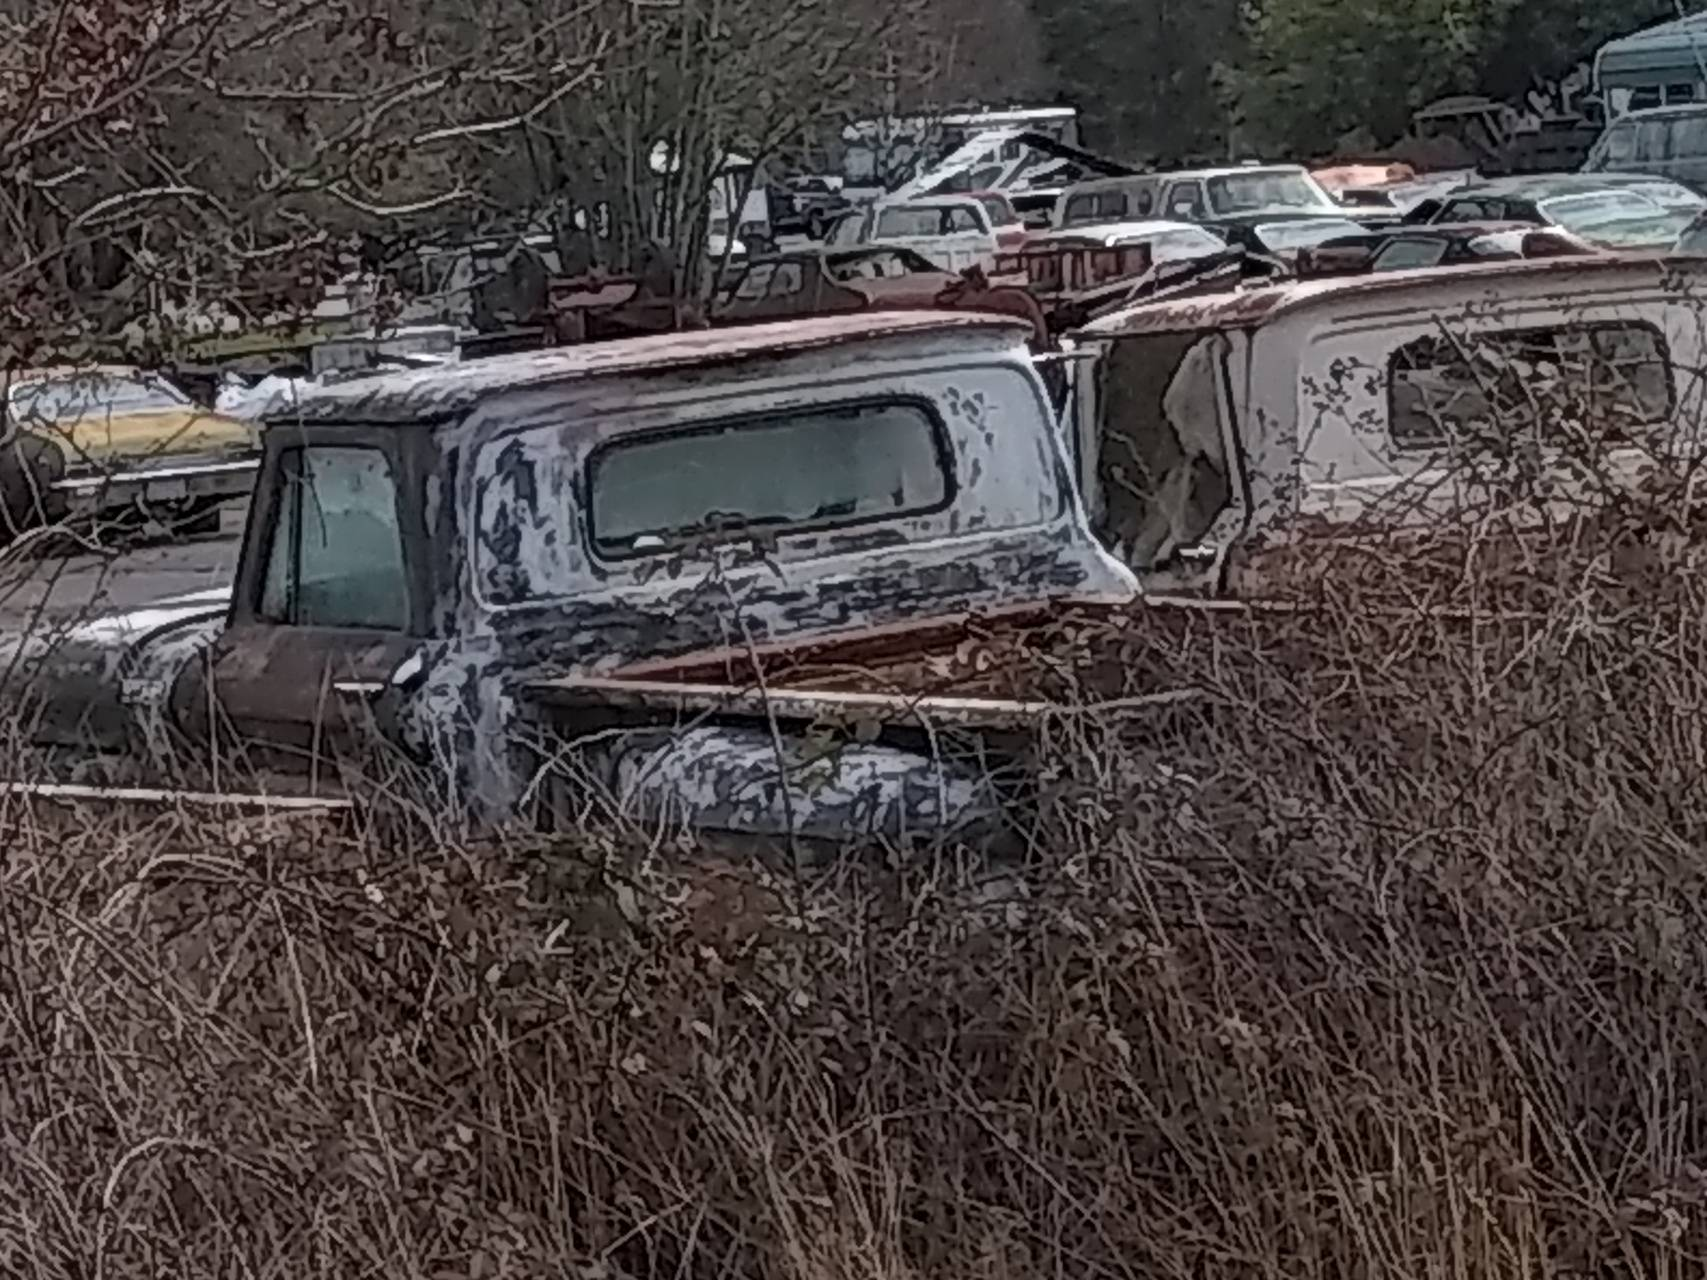 Chevy C-10